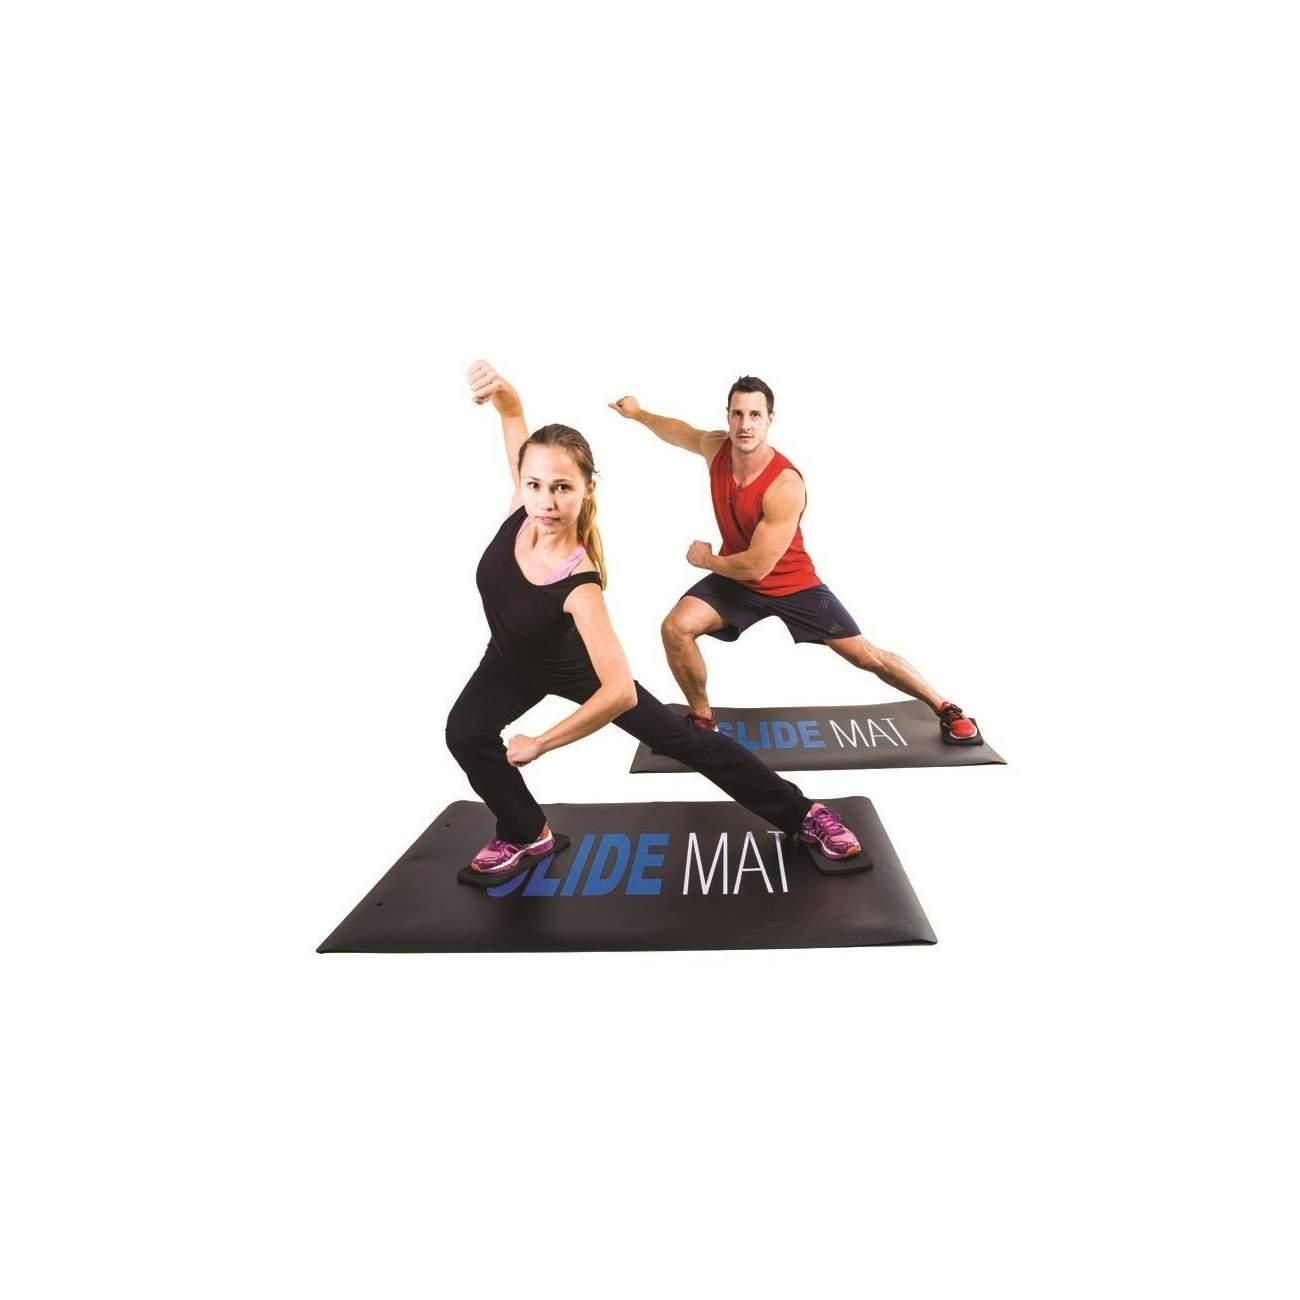 Slide Mat, Frintion Training